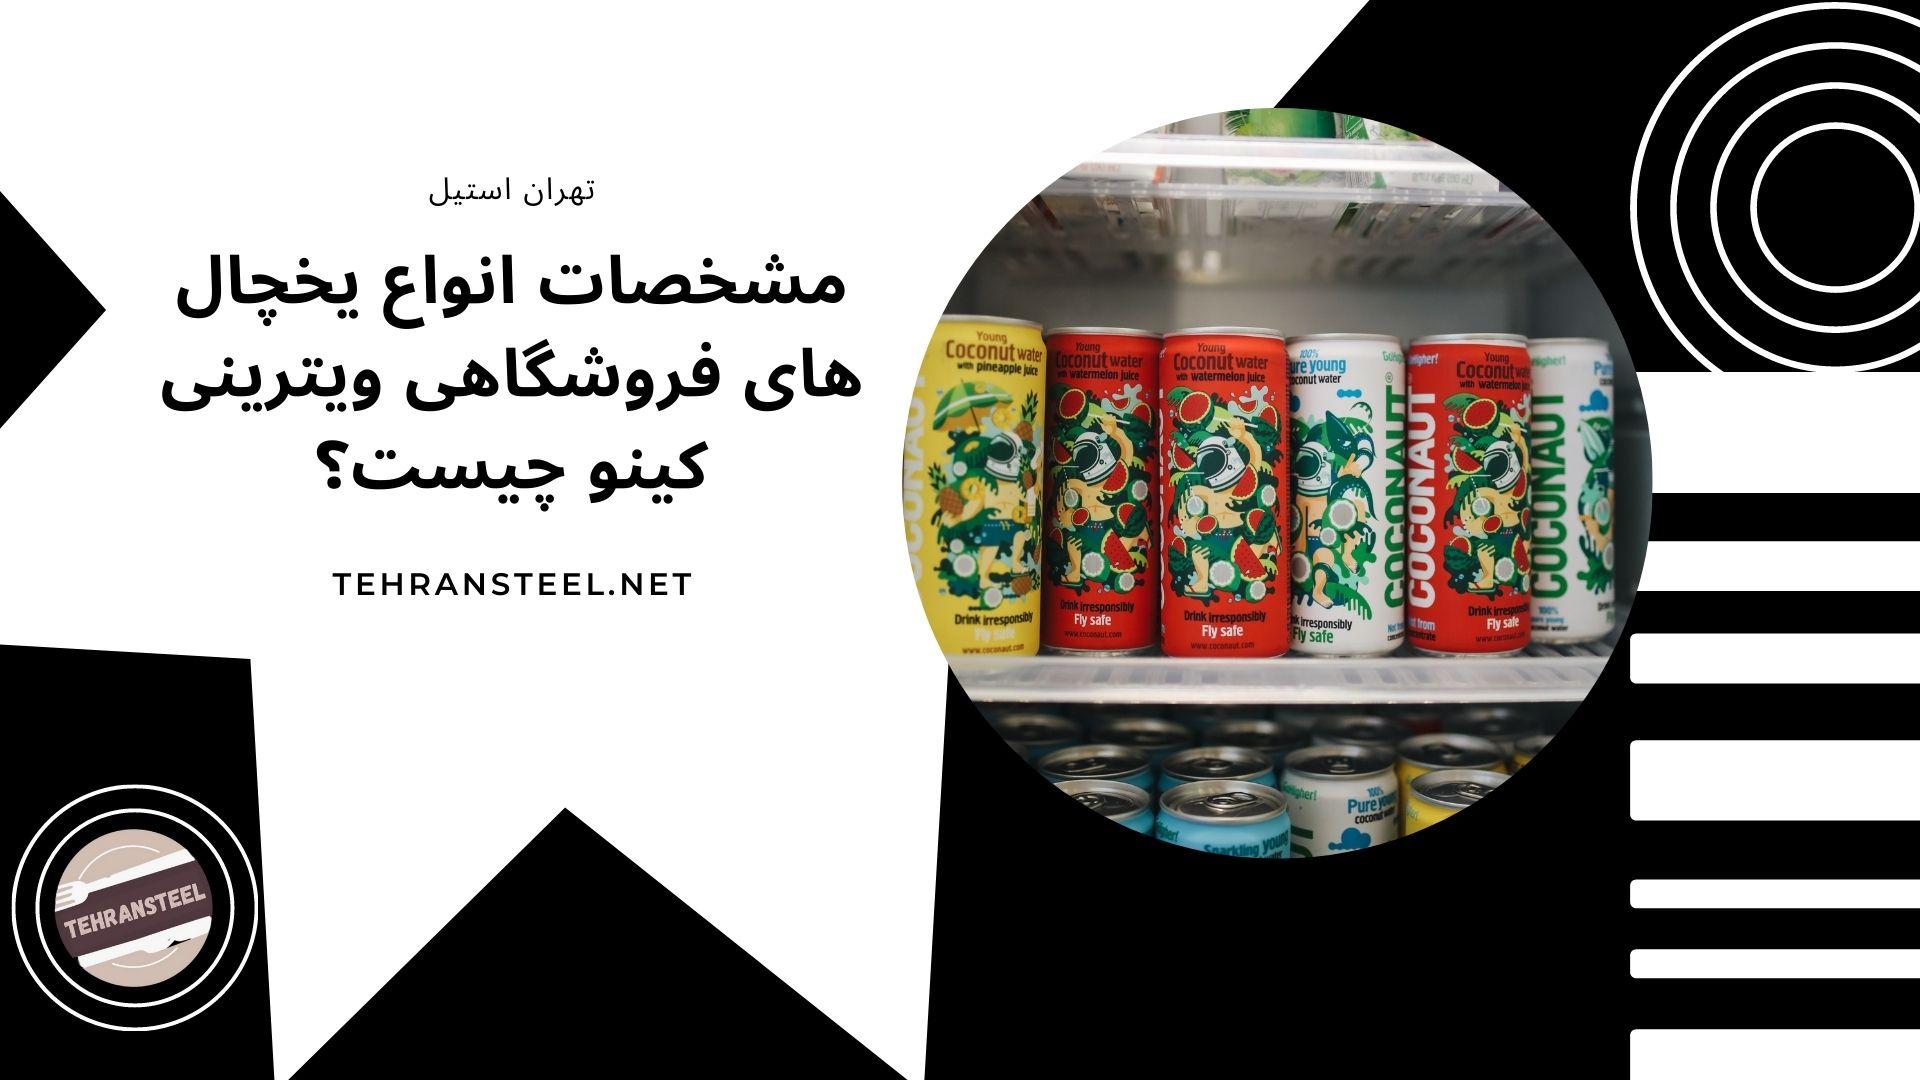 مشخصات انواع یخچال های فروشگاهی ویترینی کینو چیست؟